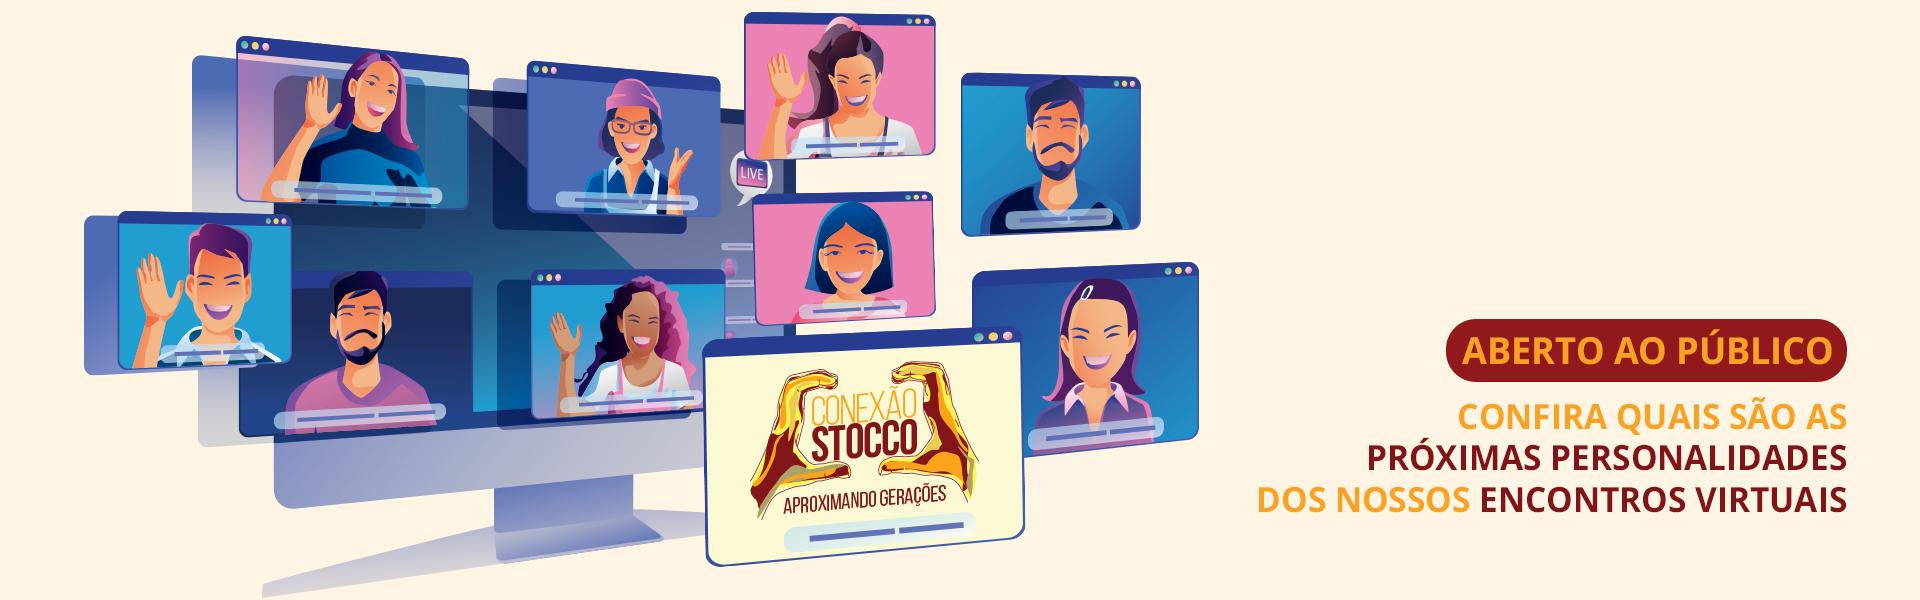 Conexão - Colégio Stocco